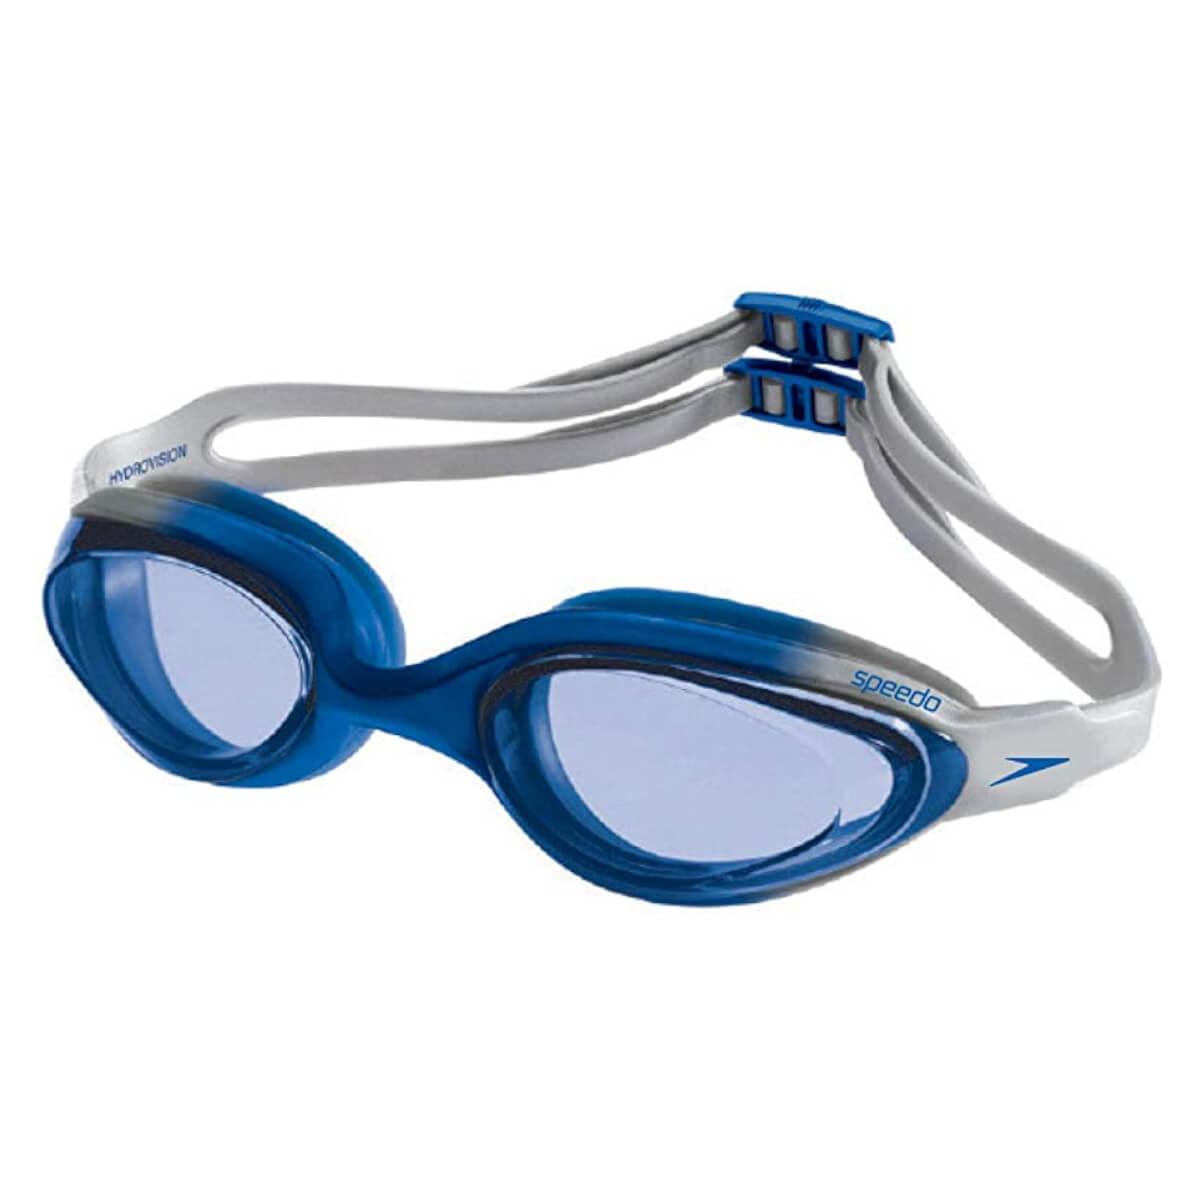 Óculos de Natação Speedo Hydrovision Azul e Prata Lente Azul